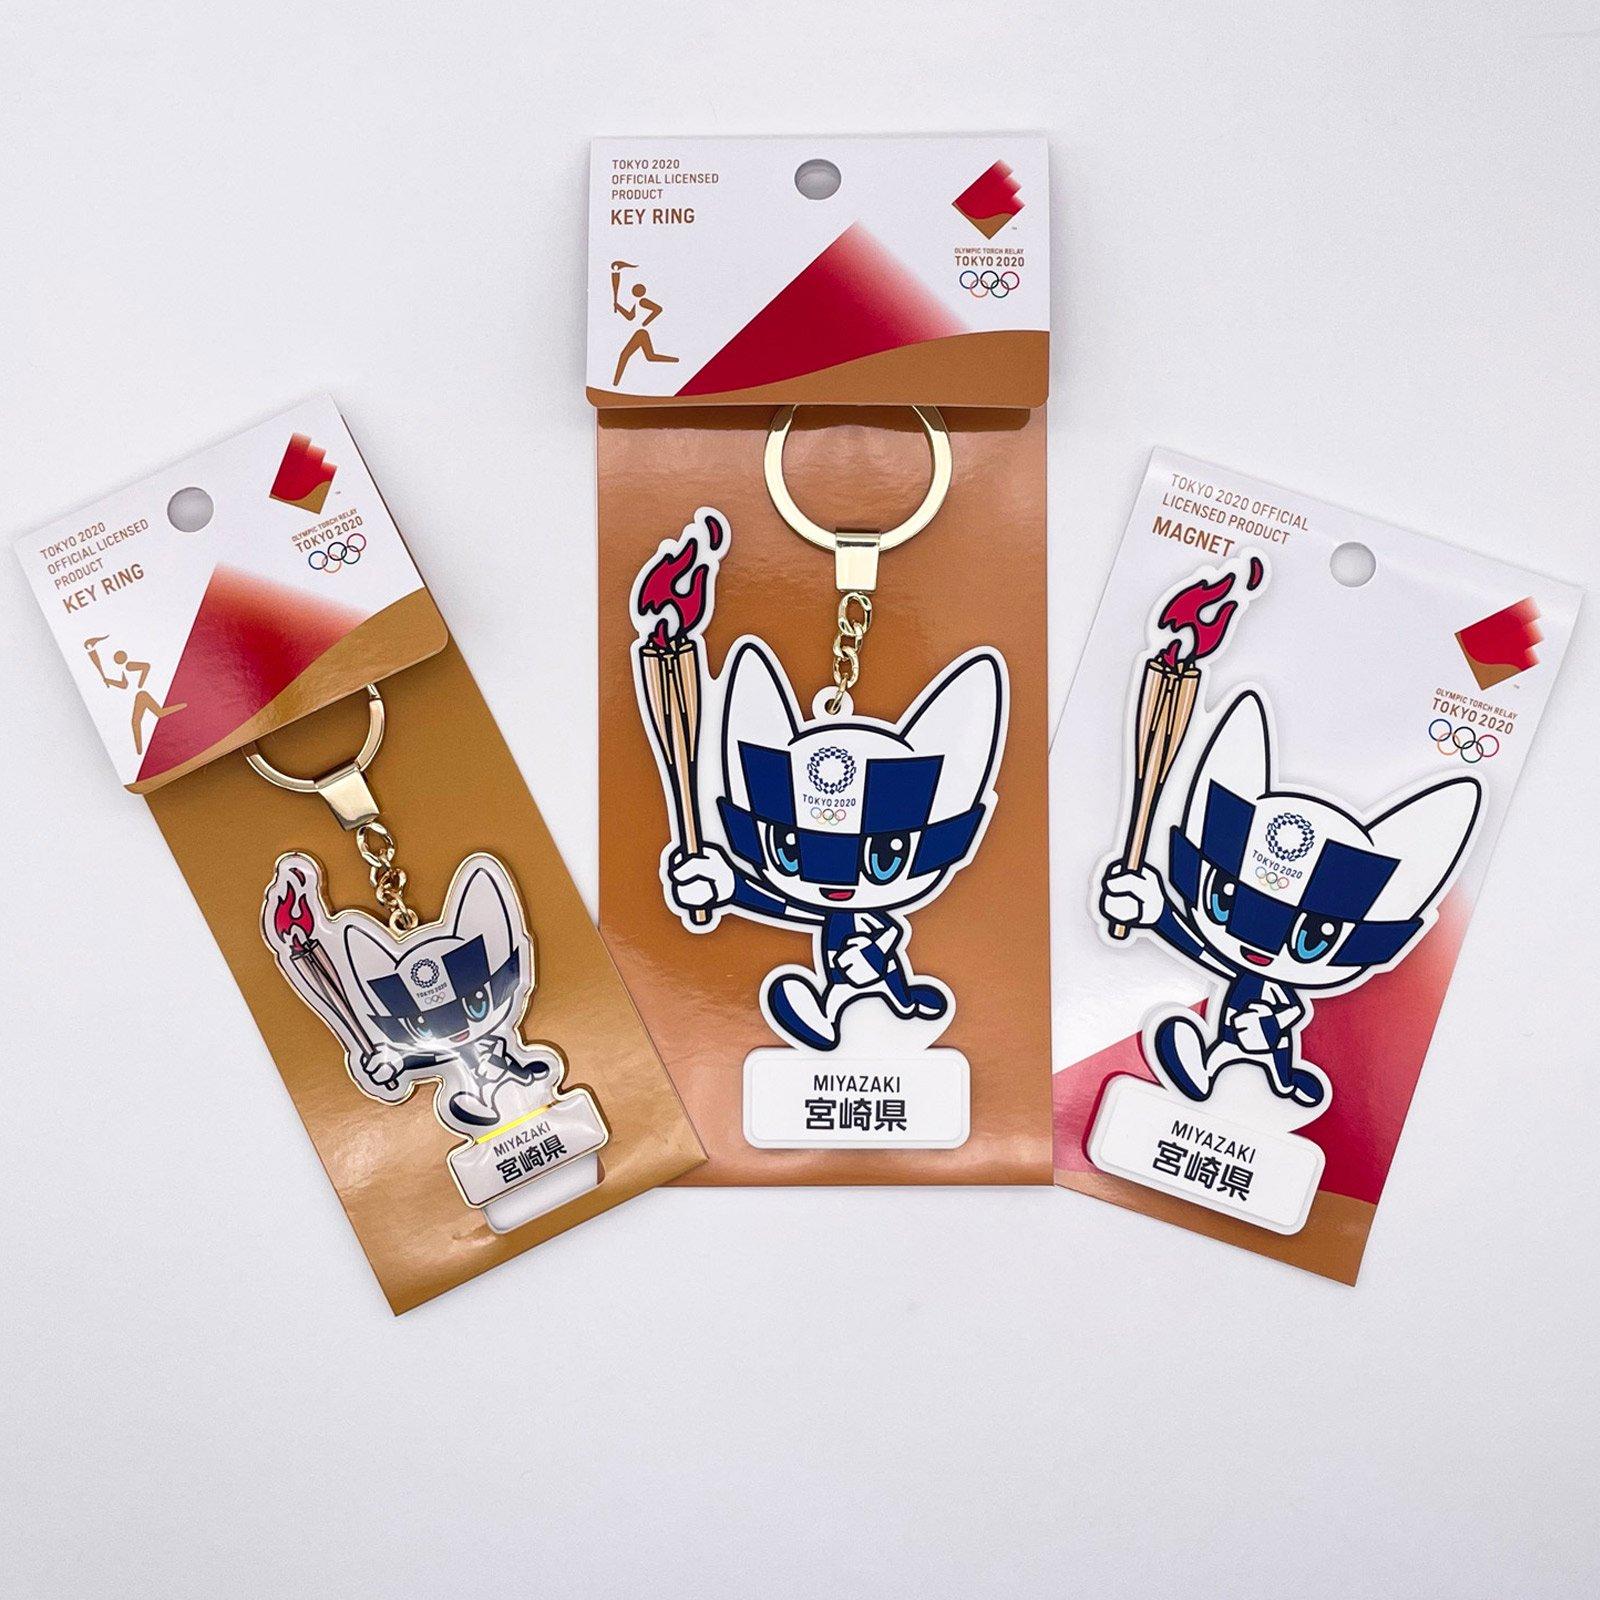 【セール価格】【お得なセット】東京2020オリンピック聖火リレーマスコット商品:宮崎県セット